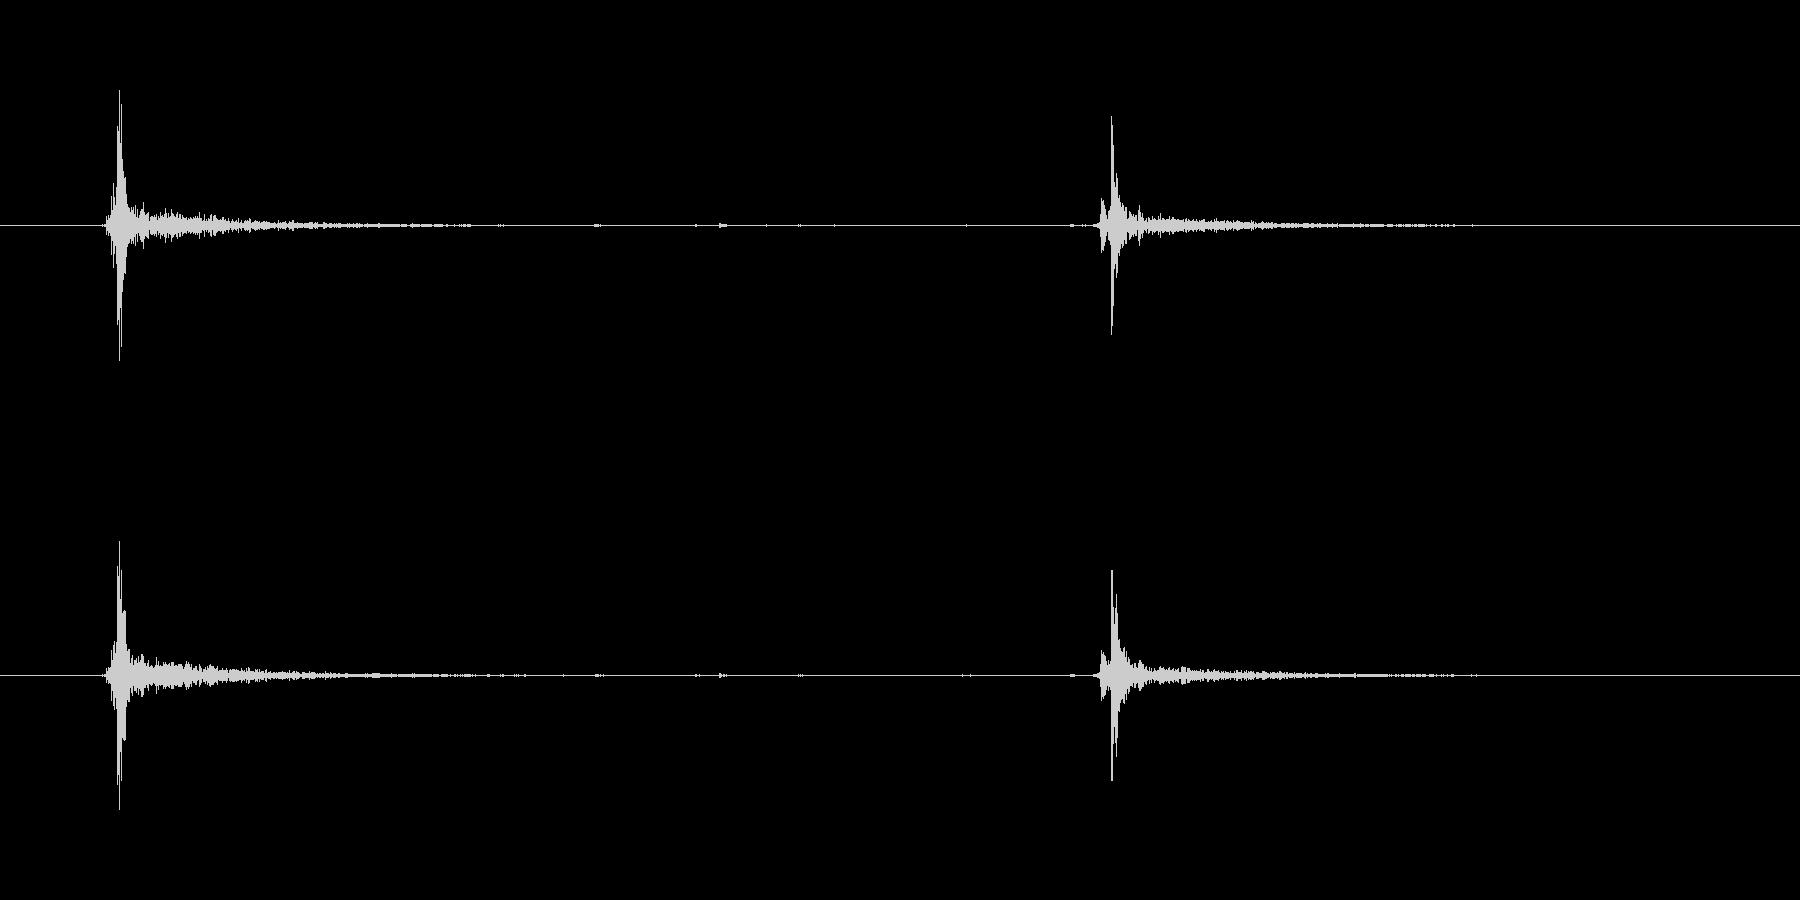 開閉するハンドバッグロック(2クリック)の未再生の波形